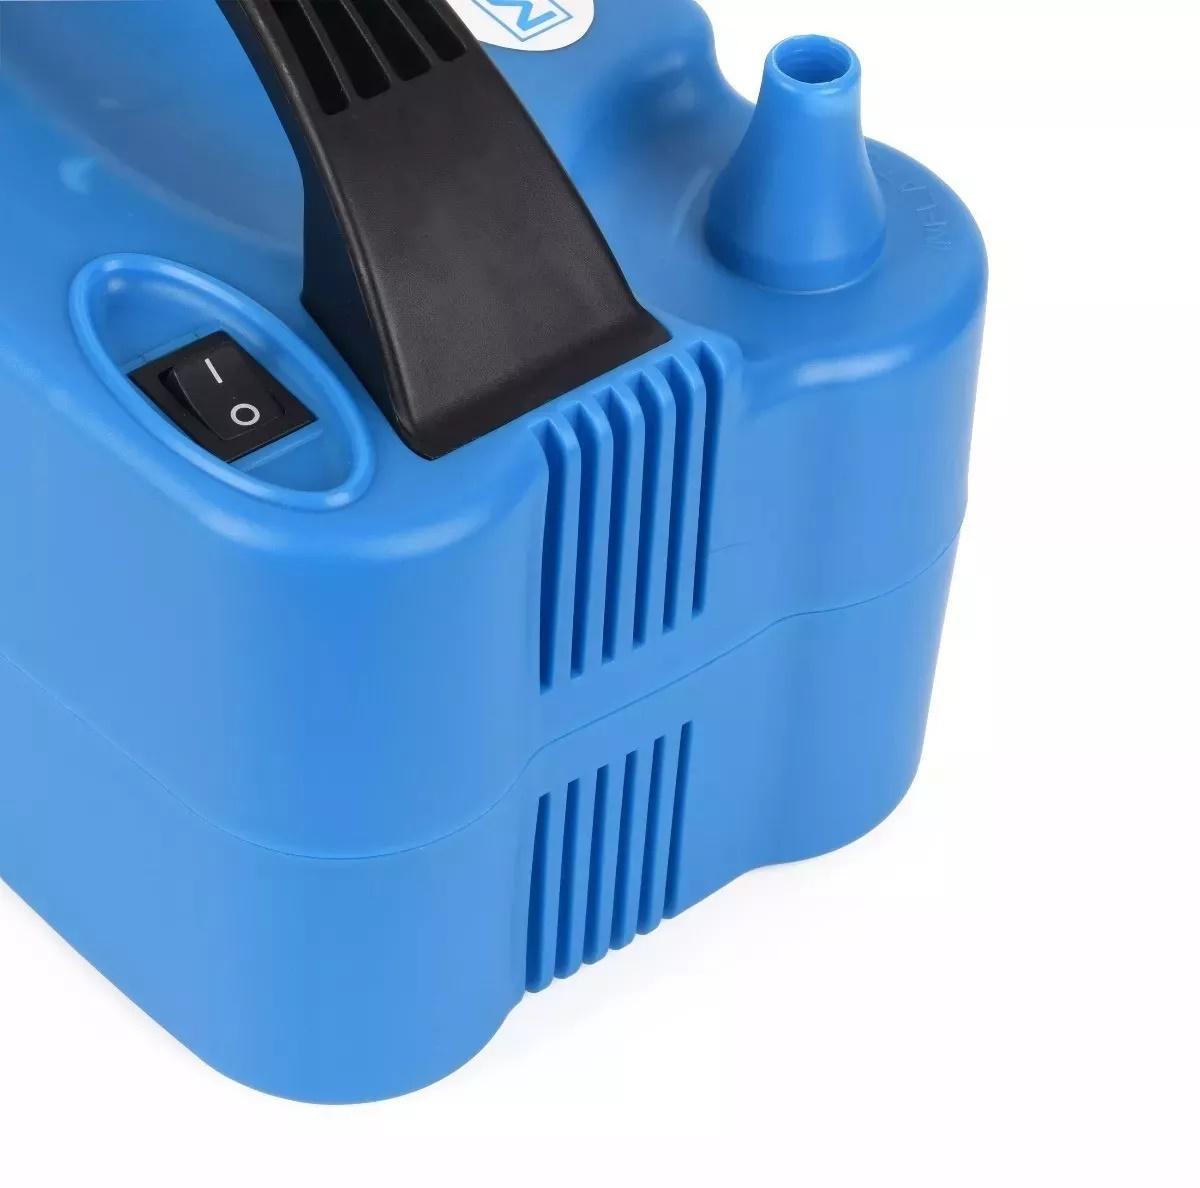 dc7845eeb2f41 Inflador Compressor Bomba Balões Bexigas Azul - Mazzilli R  89